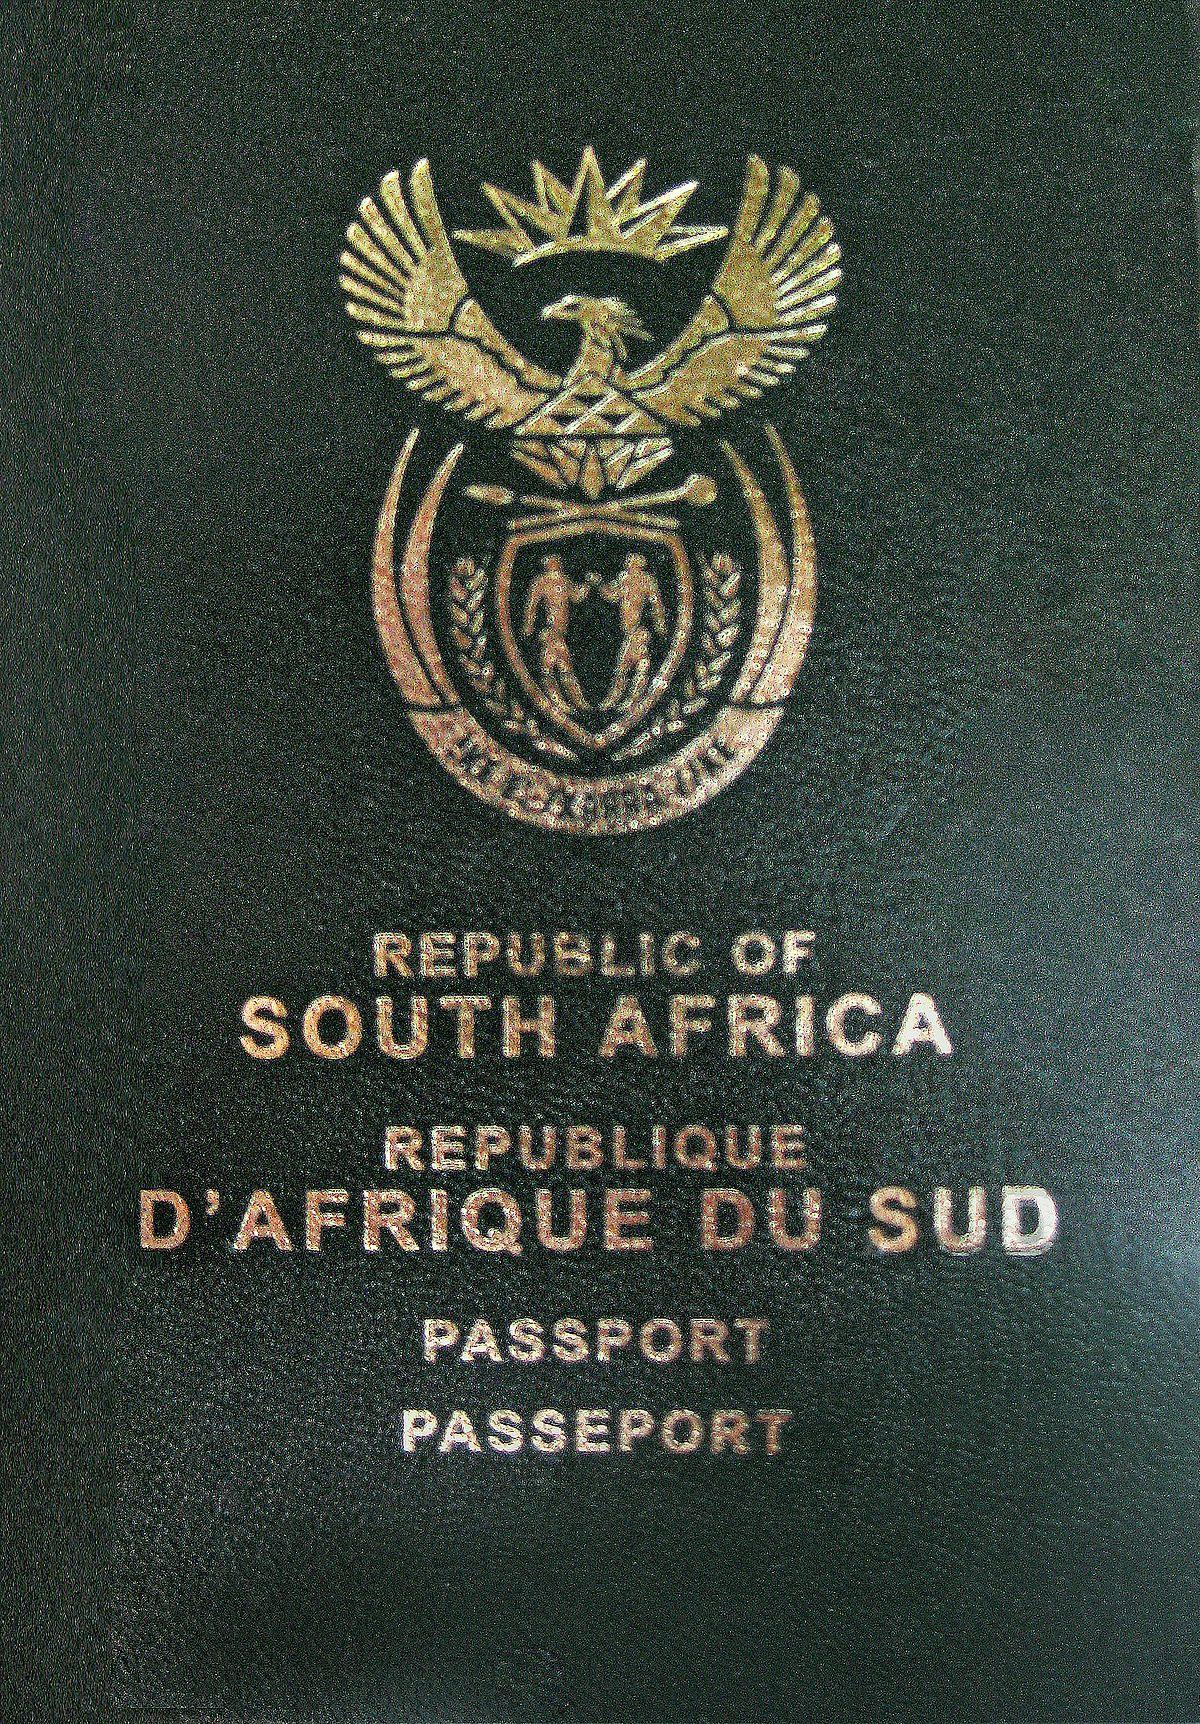 بالصور صور جواز سفر , صور مجموعة جوازات السفر جميع الدول 2954 14